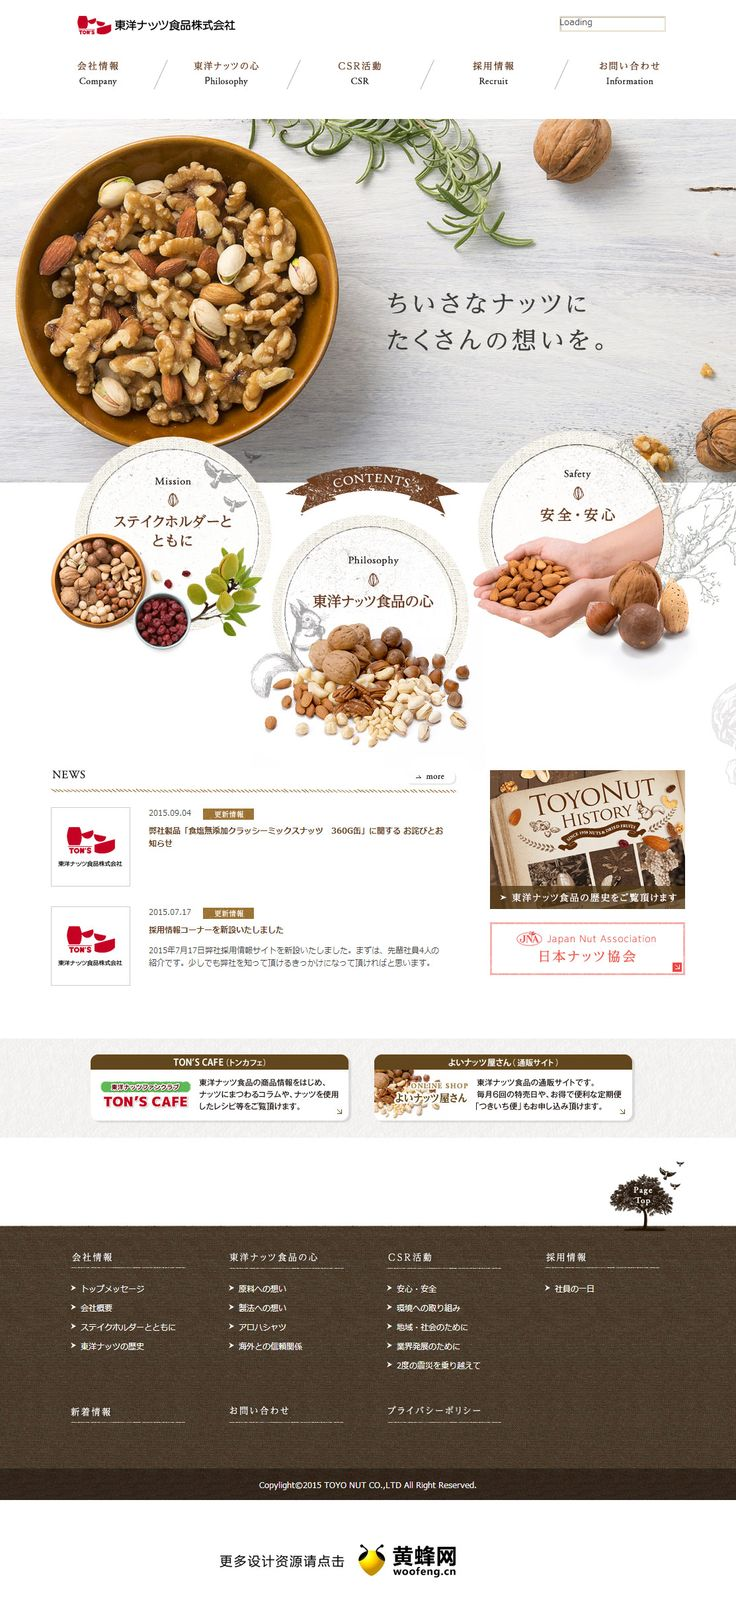 http://woofeng.cn/inspiration/11538.html